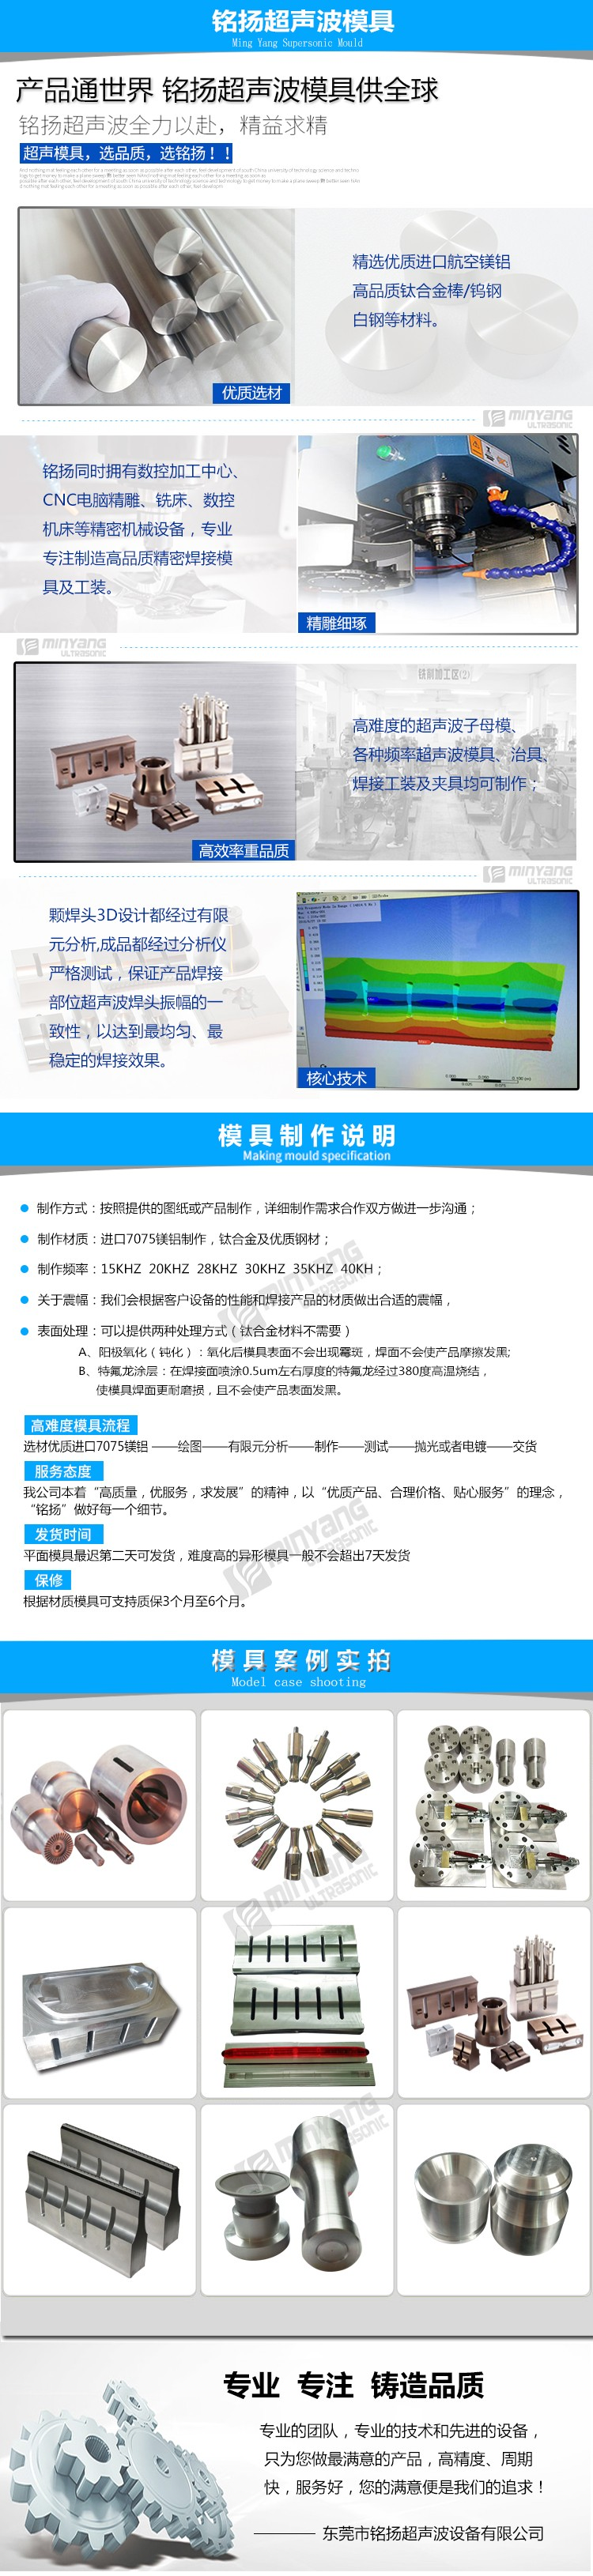 超声波模具|超音波模具|超声波焊头|超声波夹具治具|高周波模具|